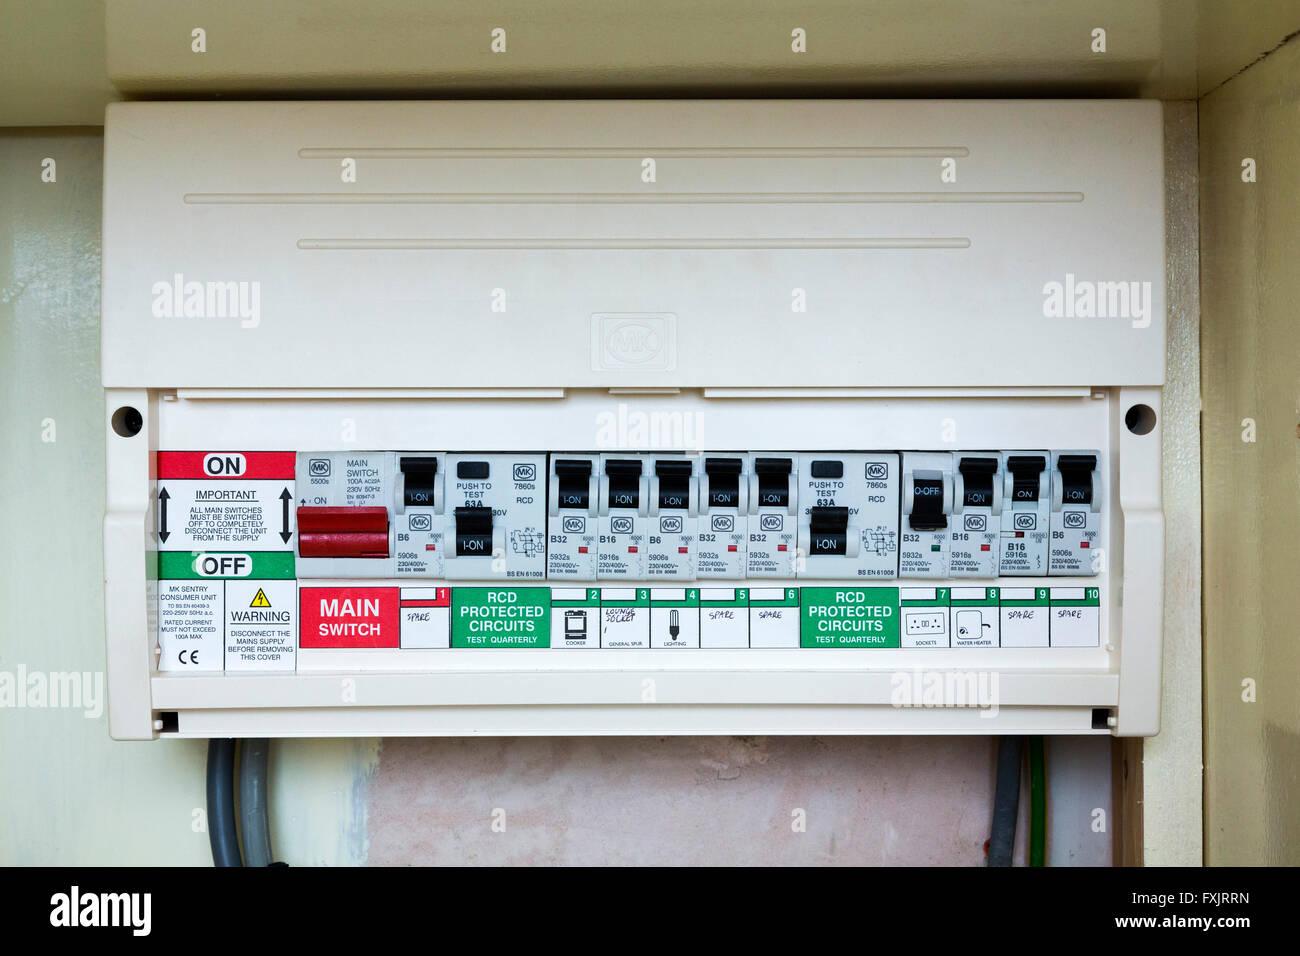 Sicherungskasten mit Sicherungsautomaten Stockbild